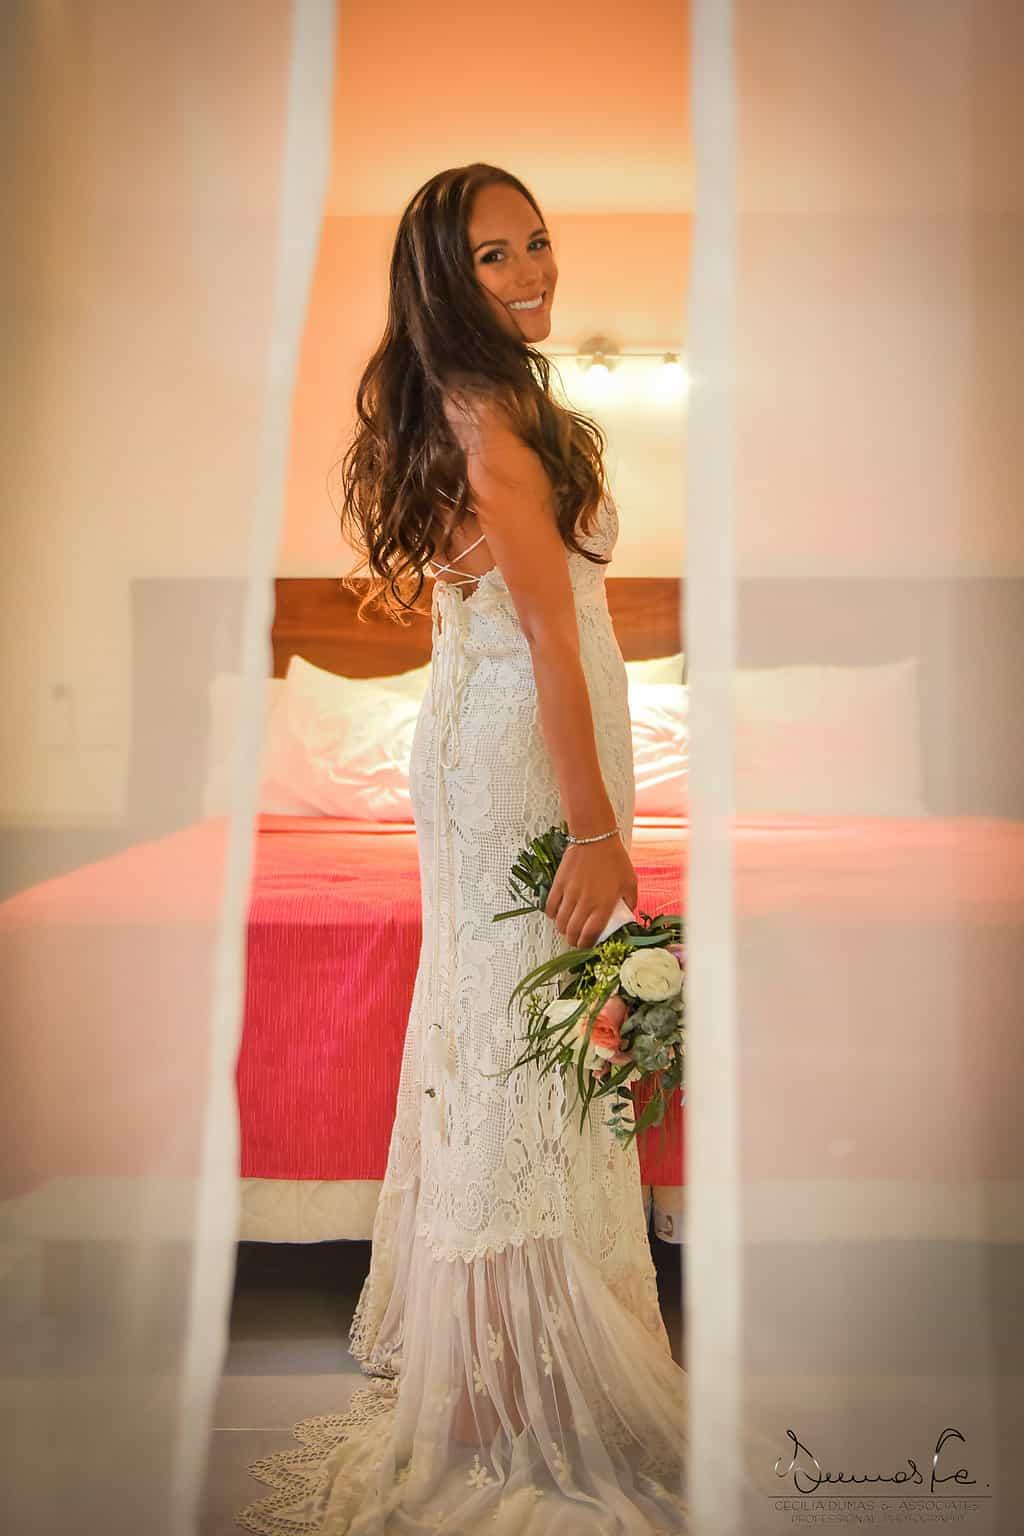 islamujeres-buhos-weddingphotography-courtneyneal7